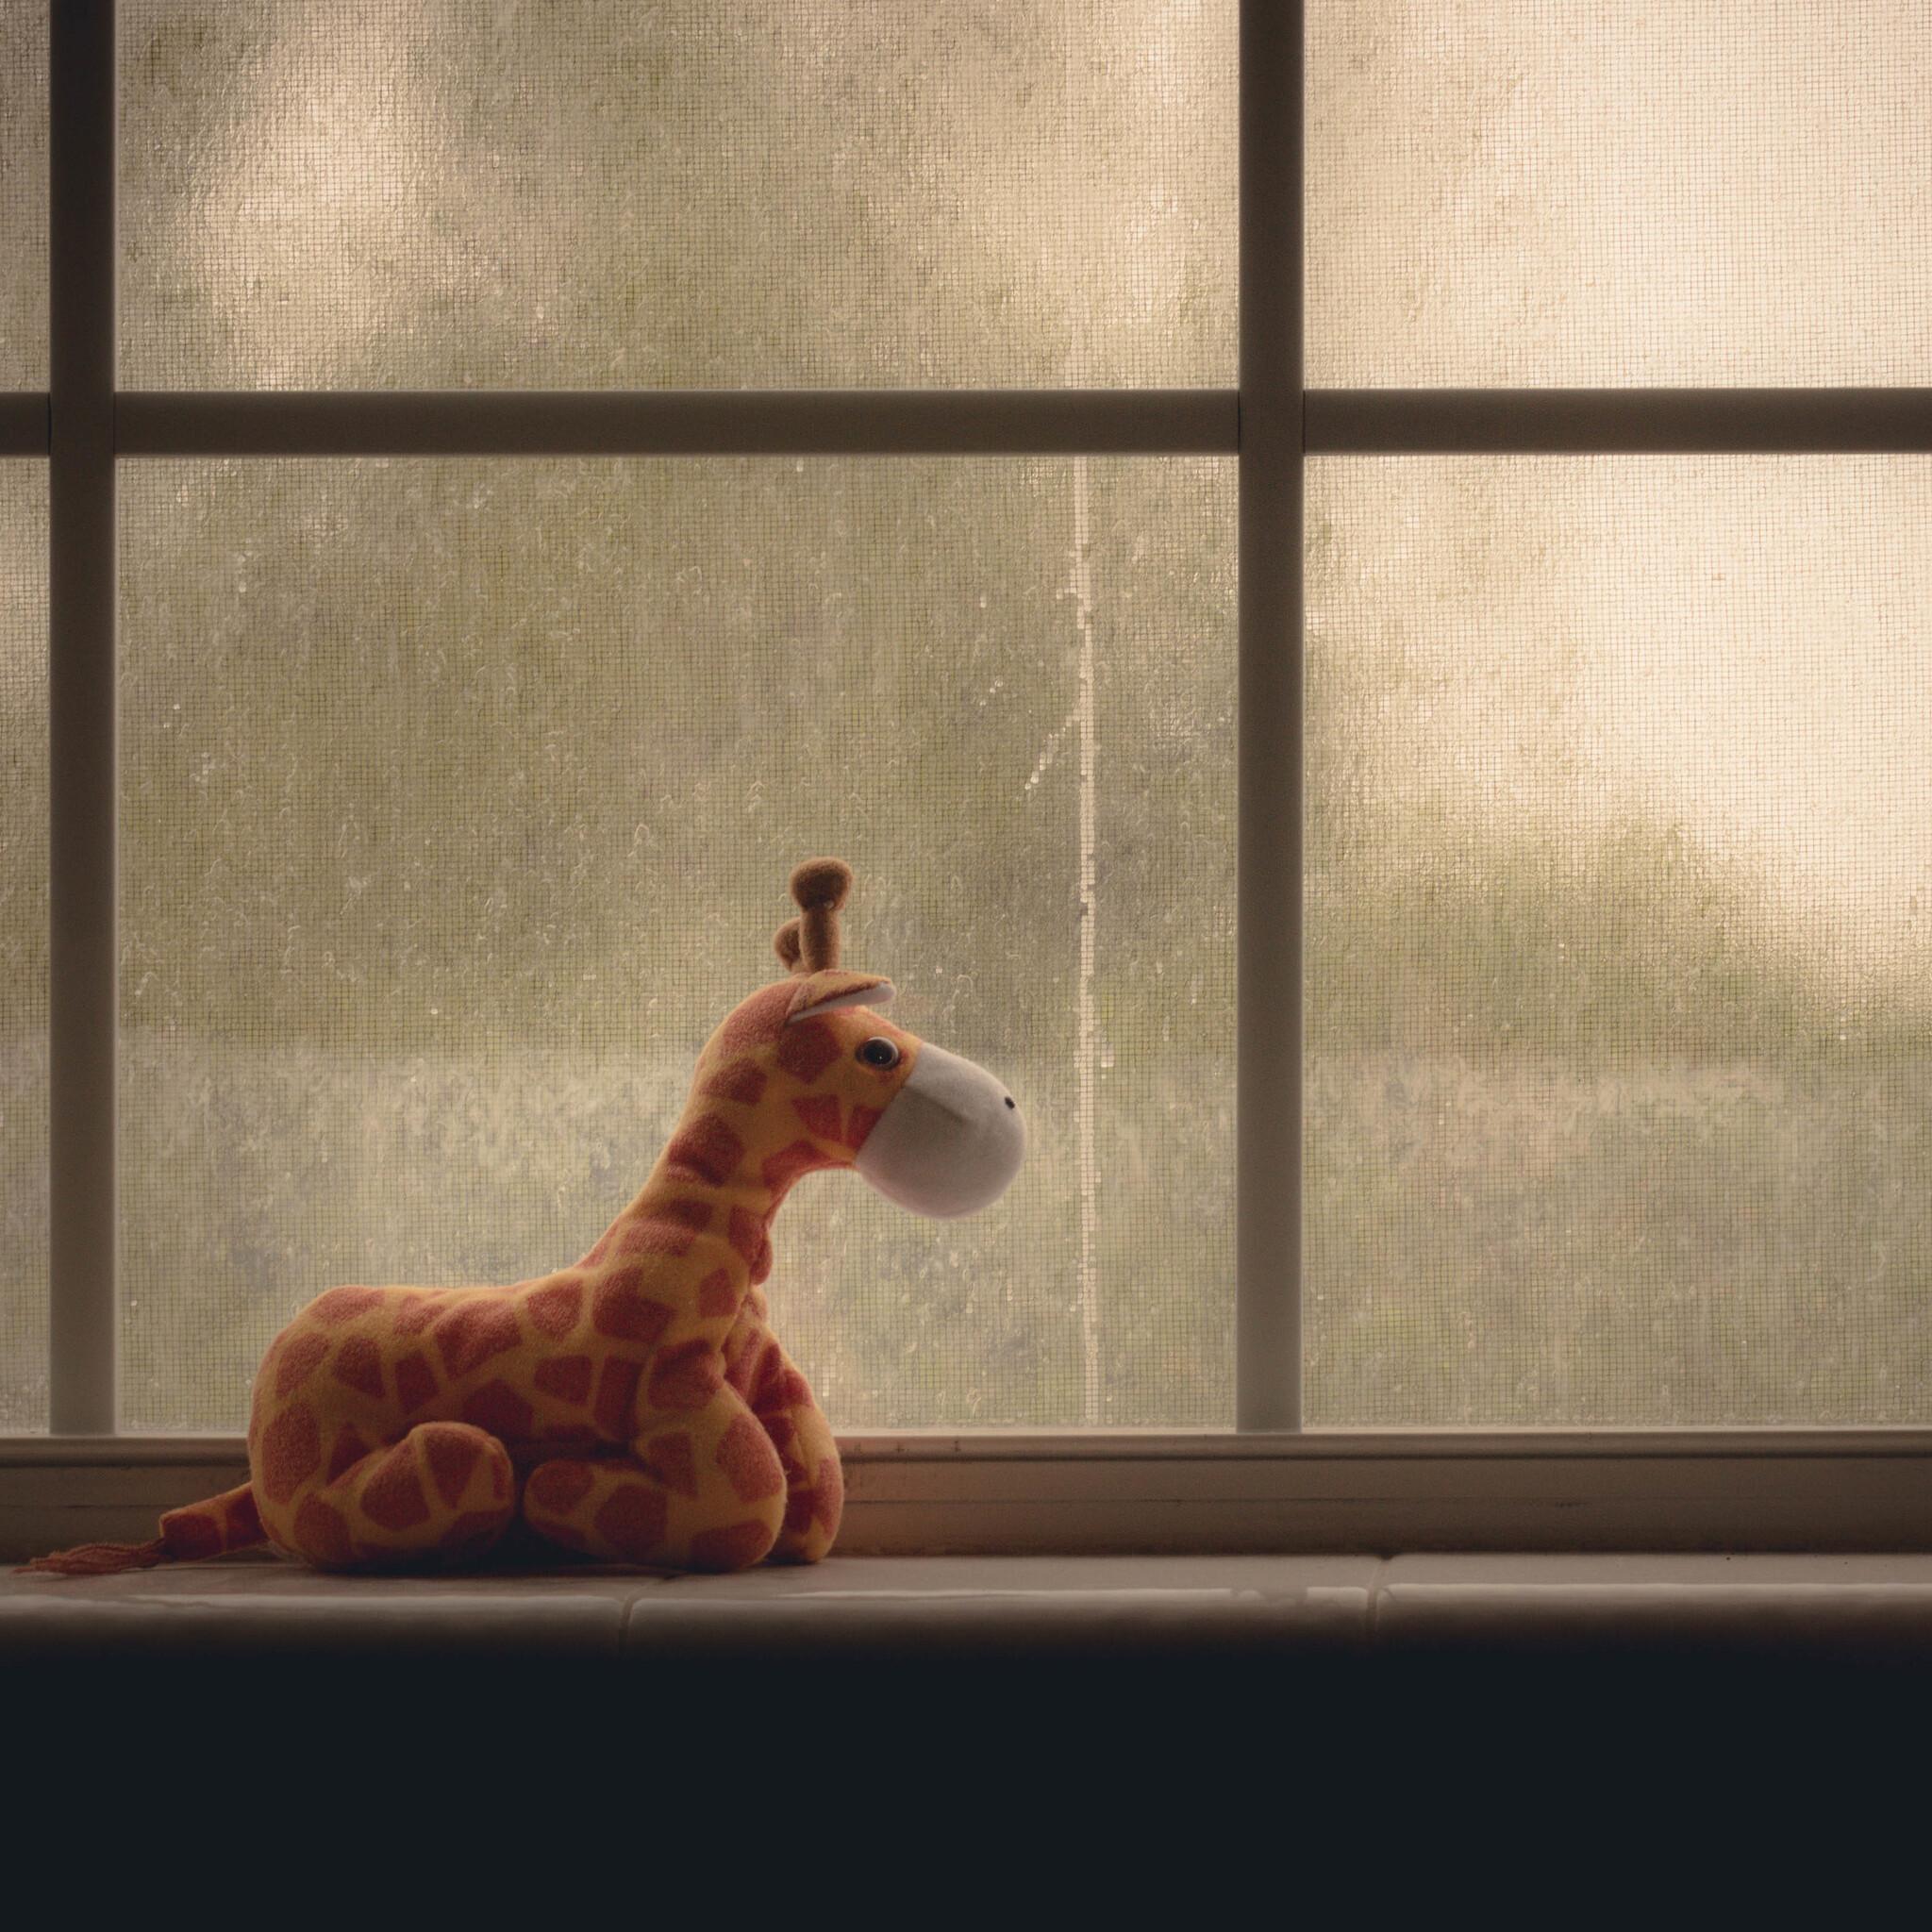 window-ziraffe-4k-42.jpg